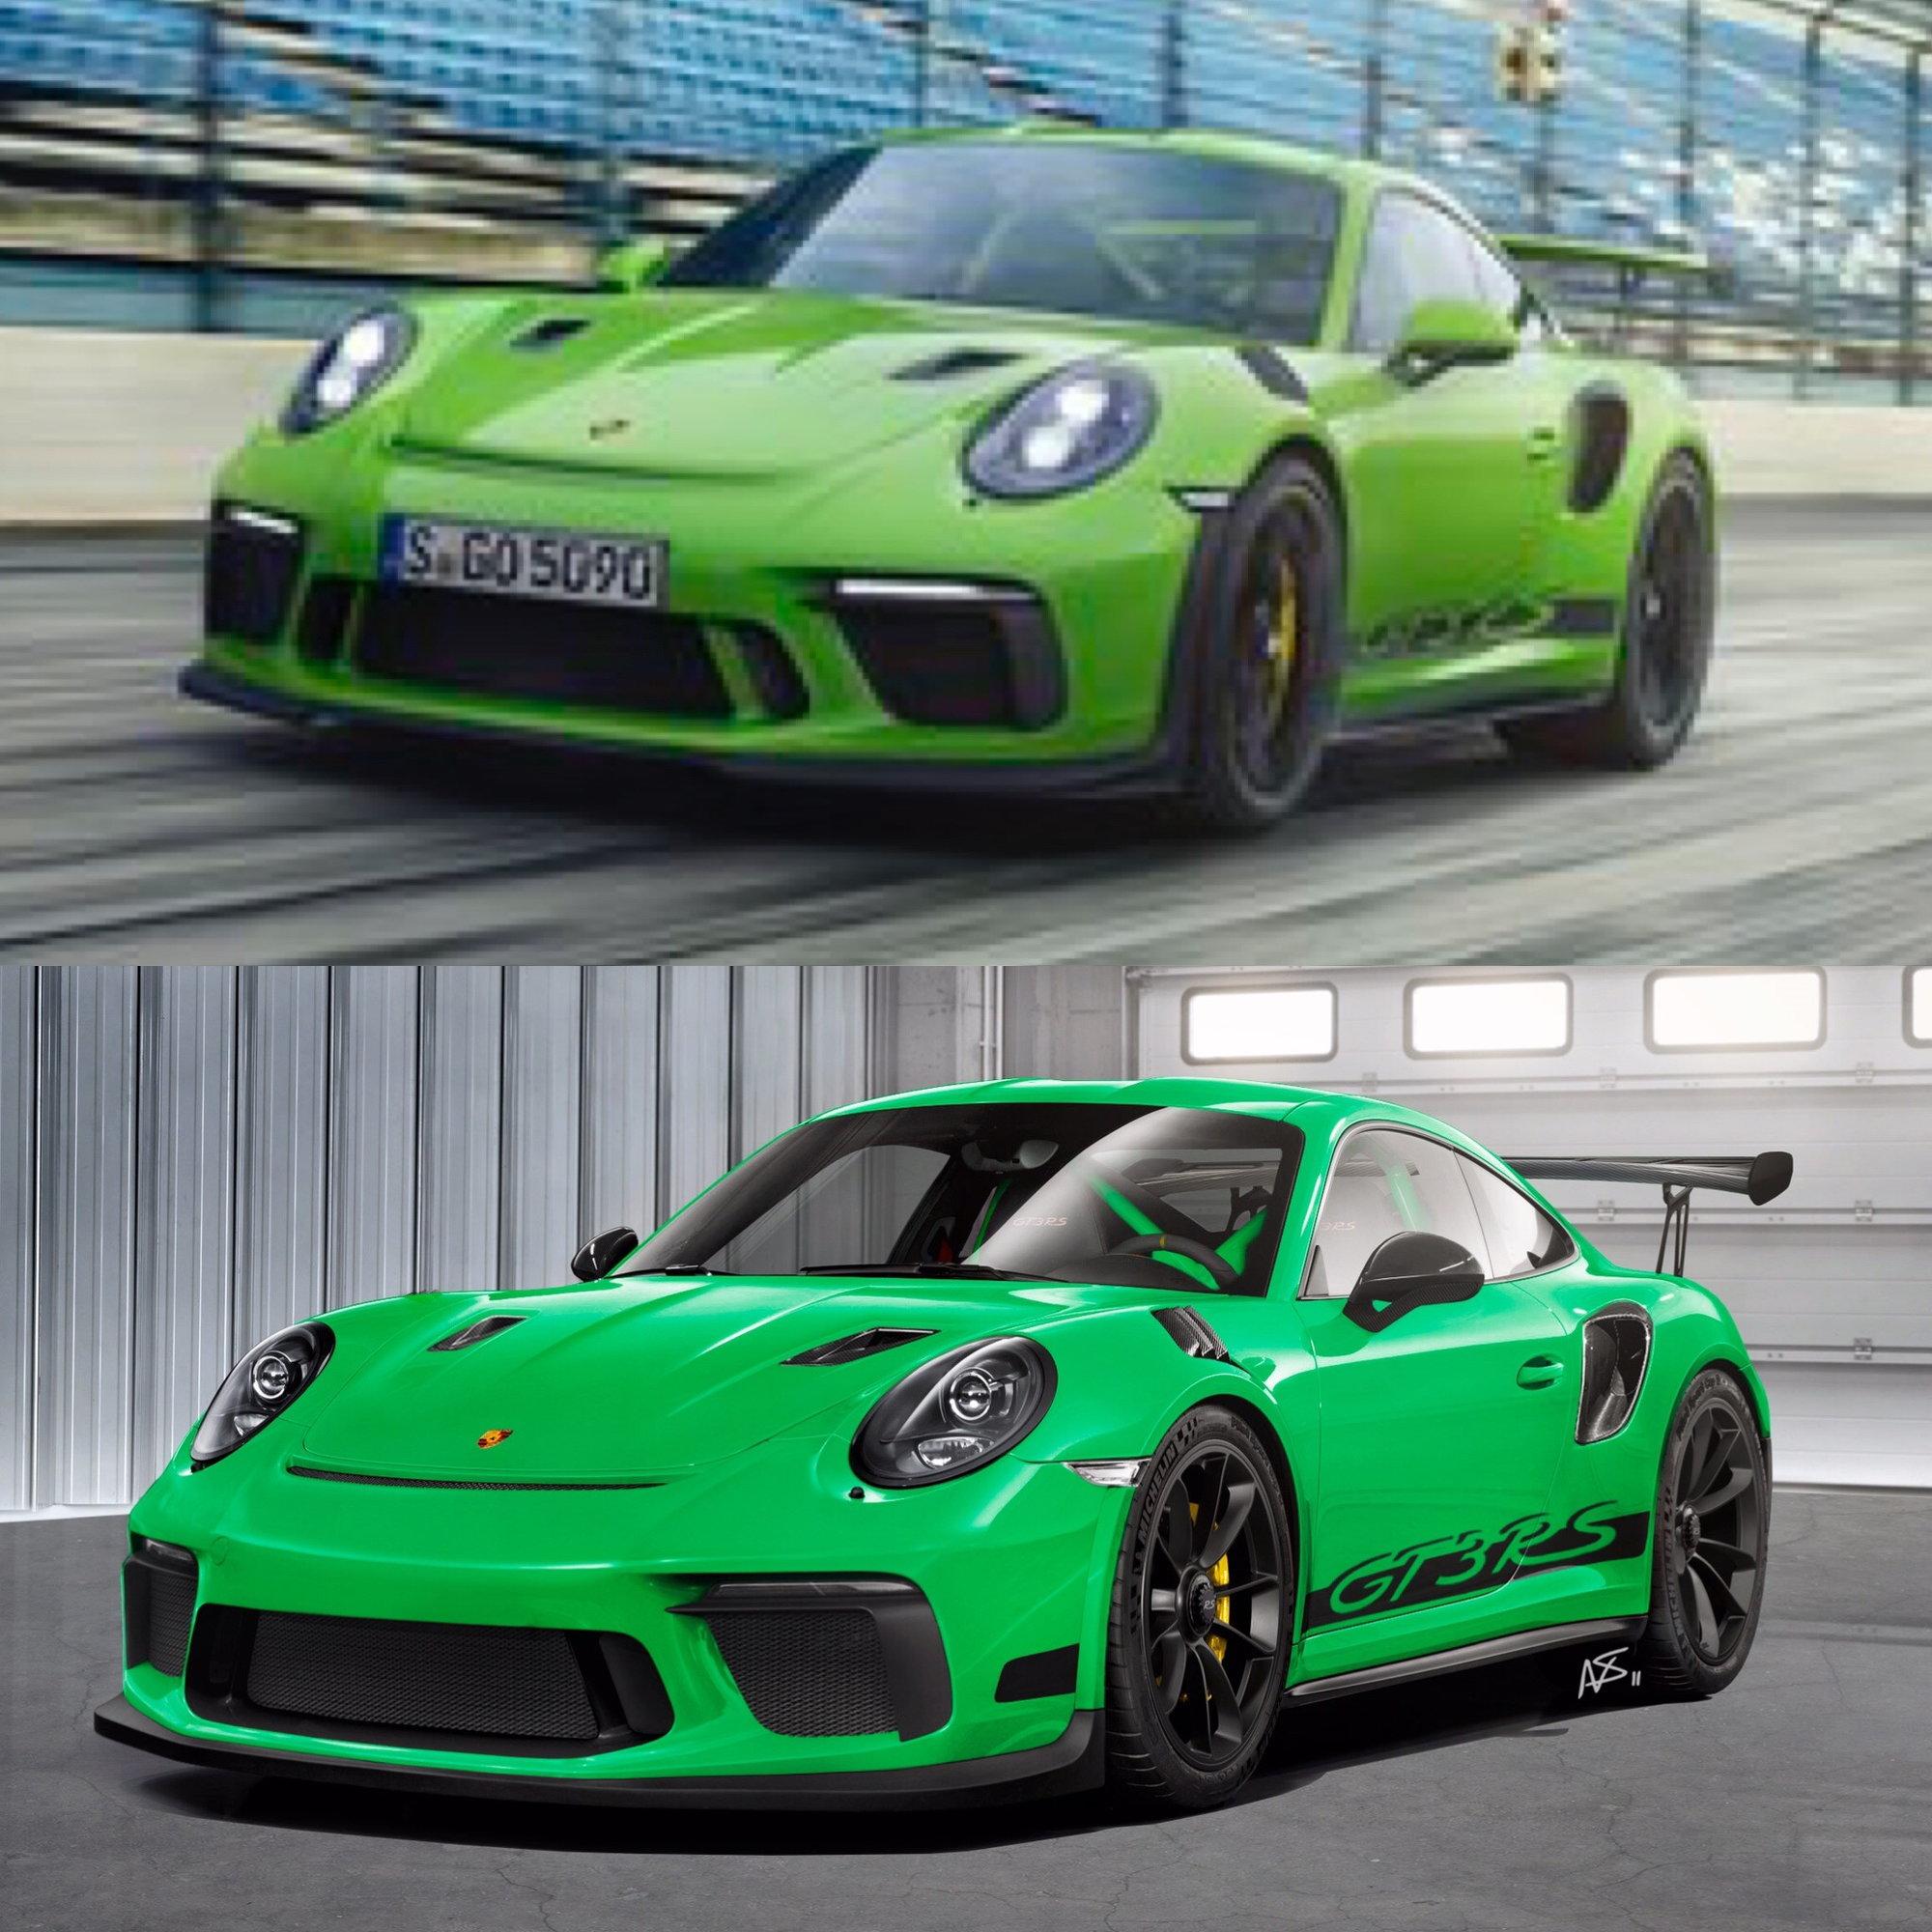 Porsche 911 Engine Weight: Honda Forum Discussion